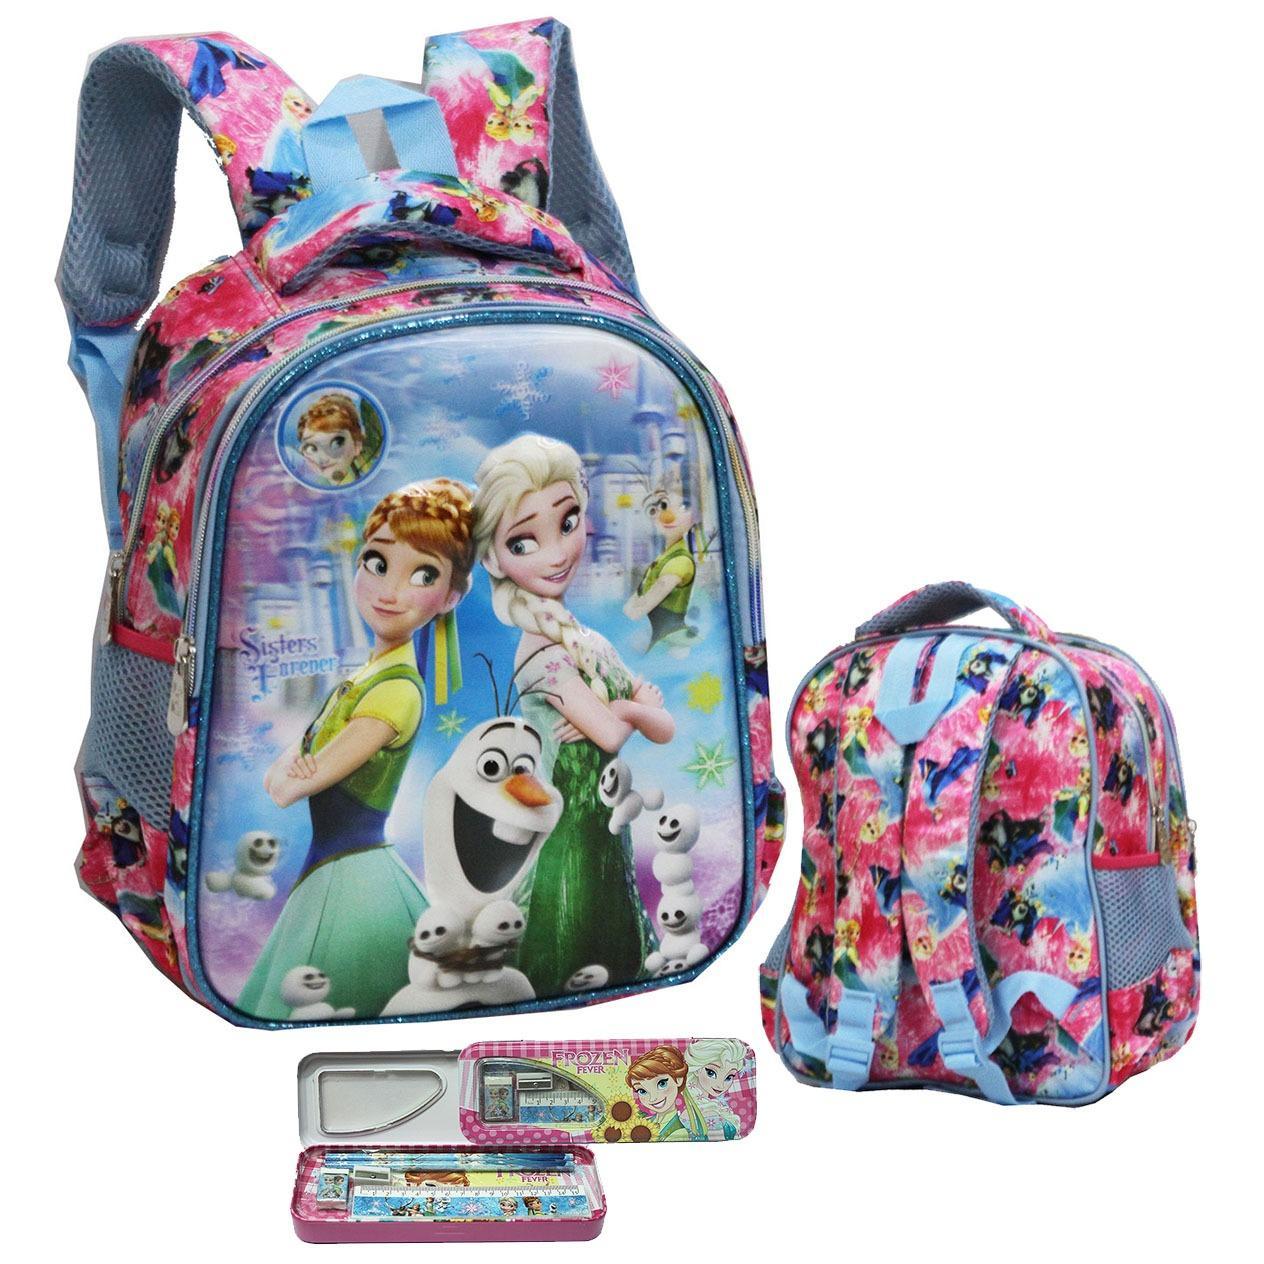 Harga Onlan Disney Frozen 5D Timbul Hologram Unik Tas Ransel Anak Sekolah Tk Dan Kotak Pensil Set Alat Tulis Import Pink Termahal